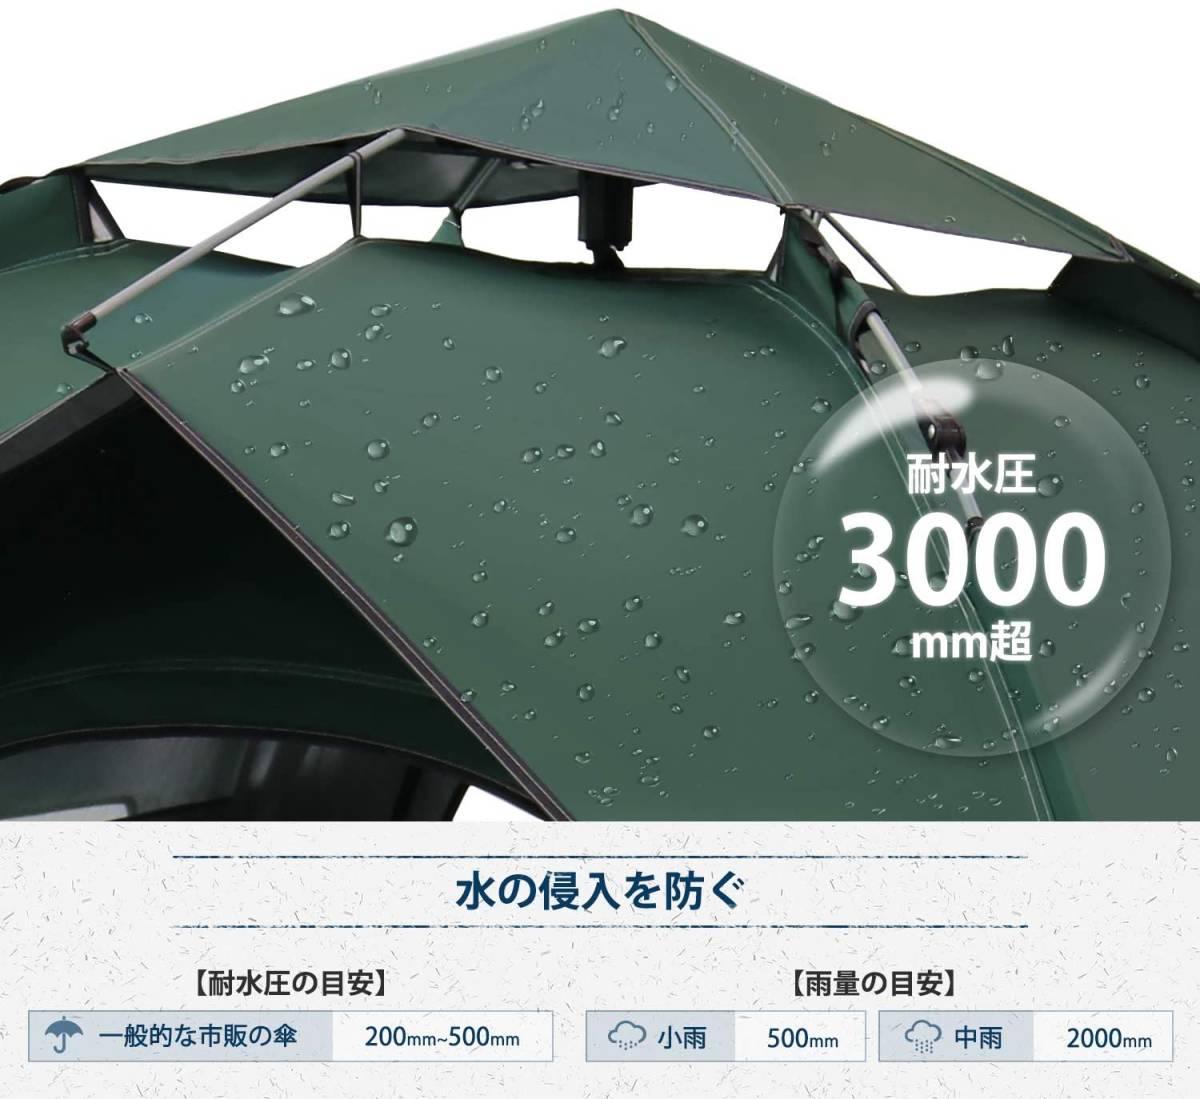 【テントG】新品未開封 ワンタッチテント 2-4人用 2重層 キャンプ UVカット 防水